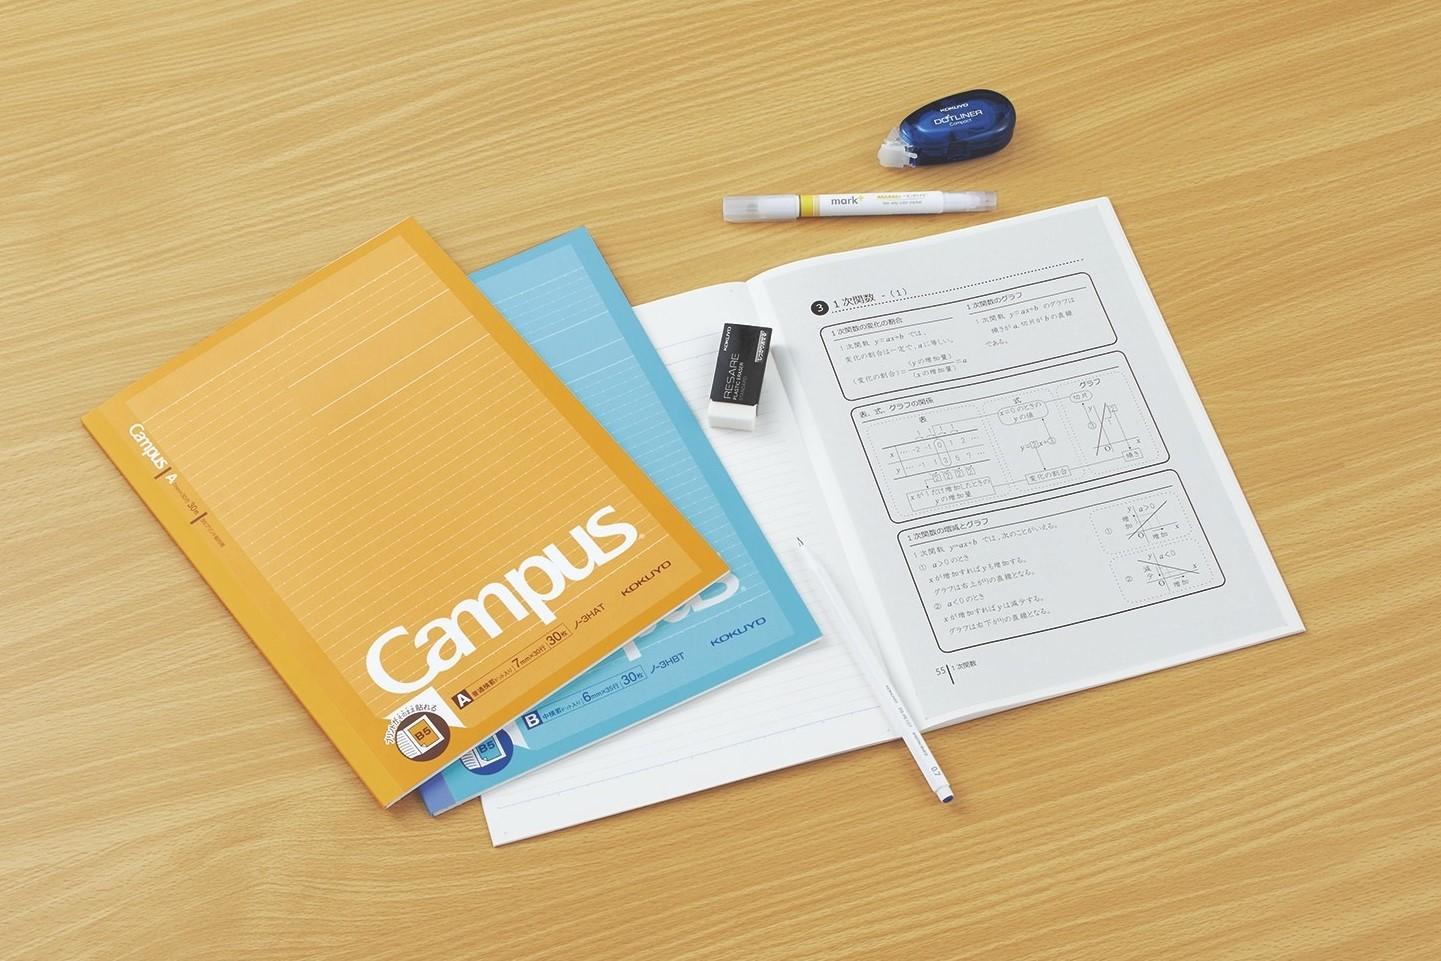 キャンパスノート(プリント貼付用)使用イメージ